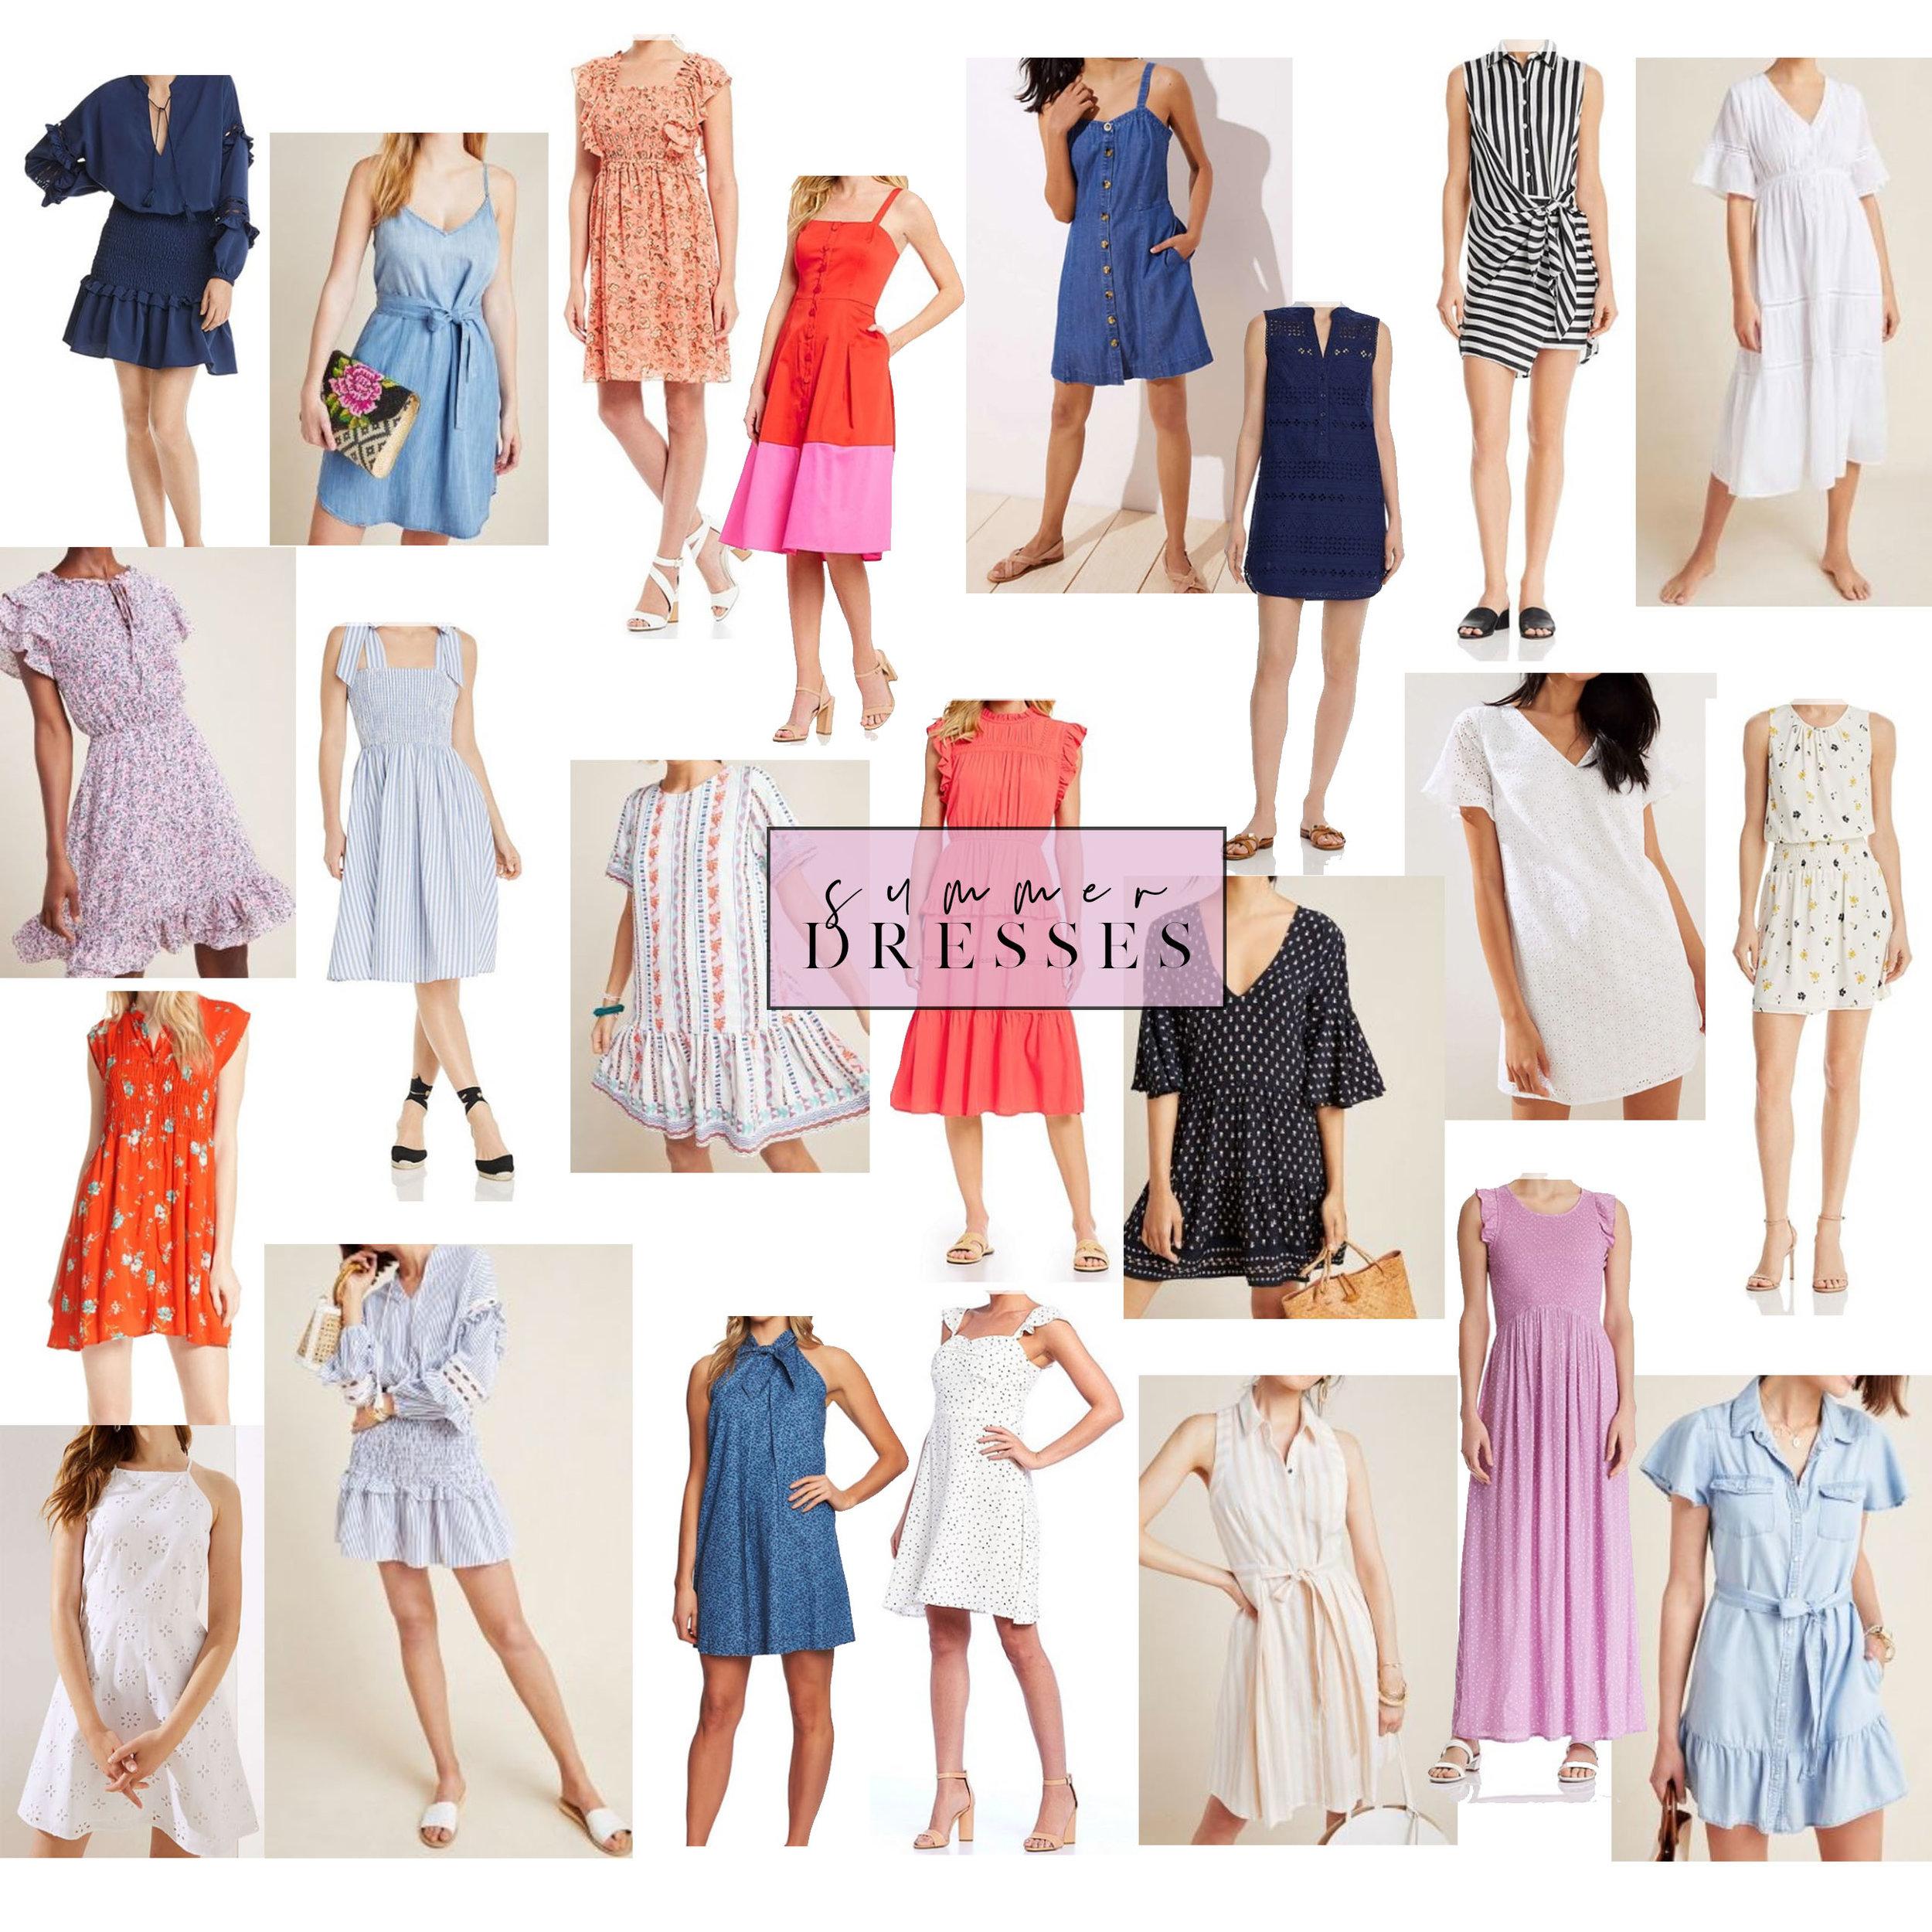 summer dresses.jpg